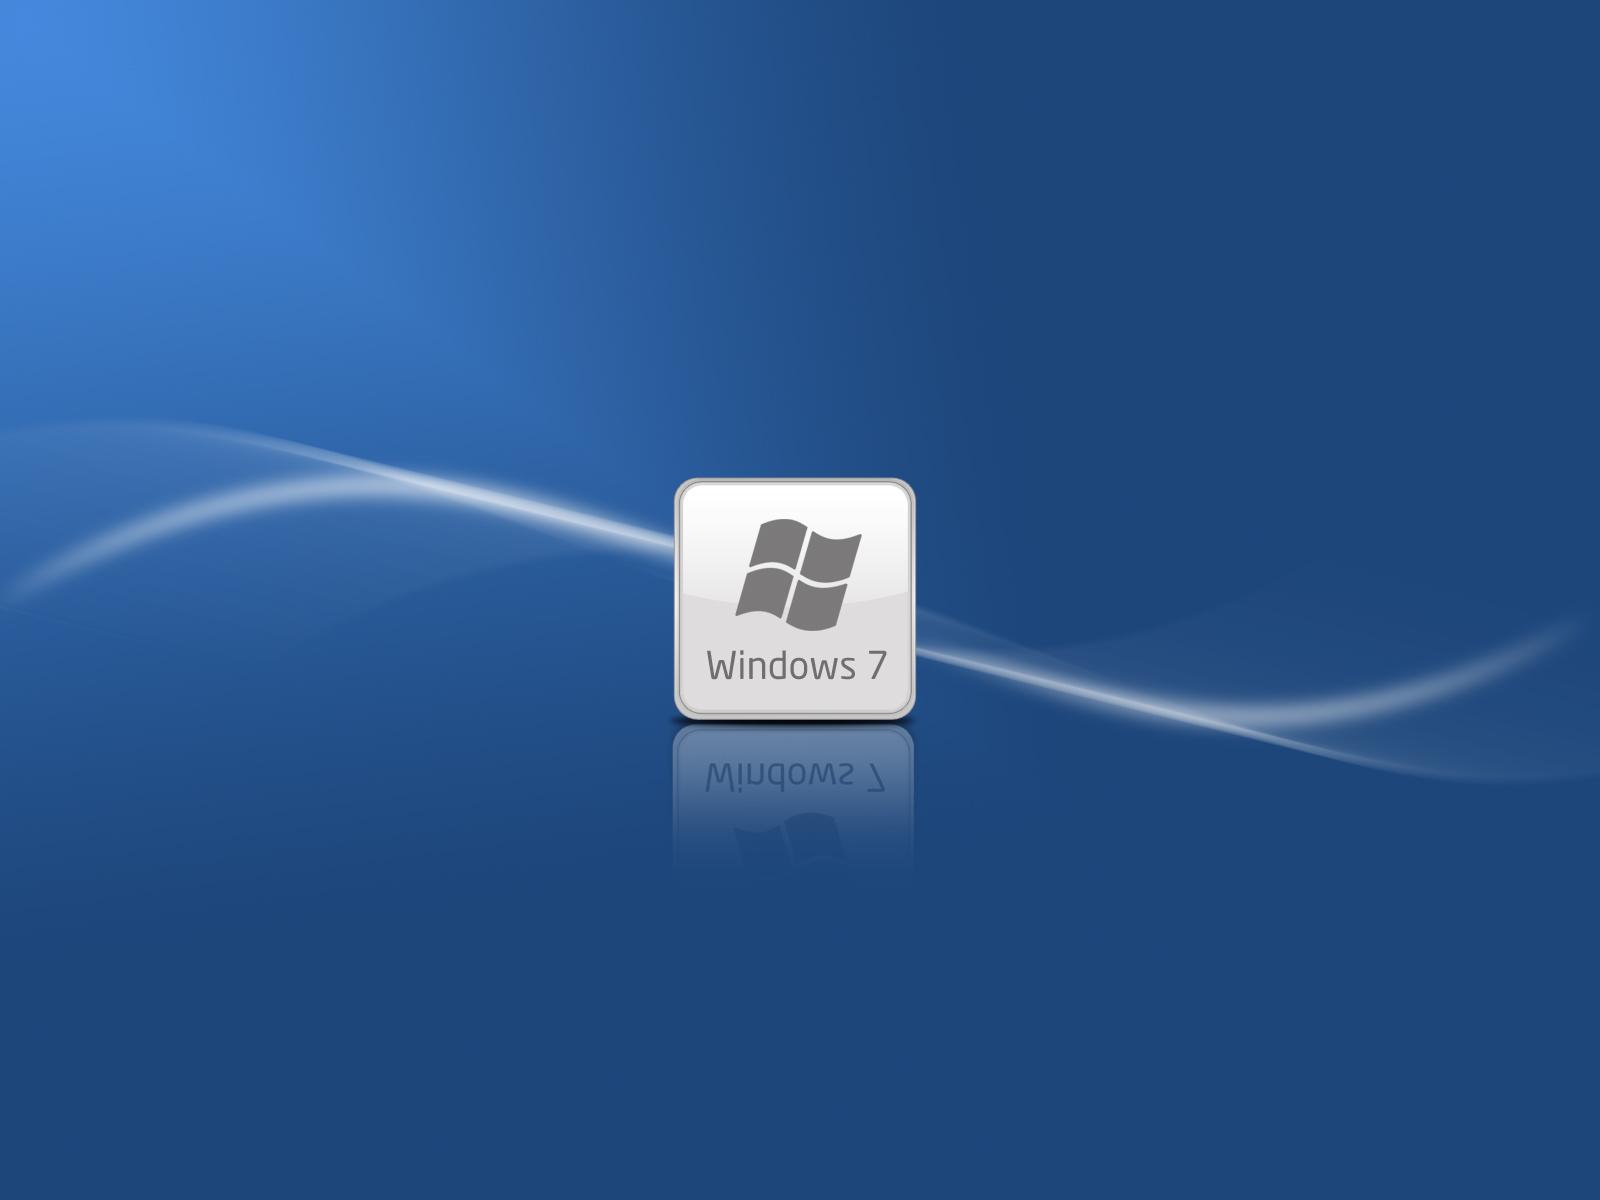 http://4.bp.blogspot.com/_Kpi0thIqeJI/TSmJz70Wk5I/AAAAAAAABrY/bX-c6QFzMs8/s1600/Windows+7+%25287%2529.jpg